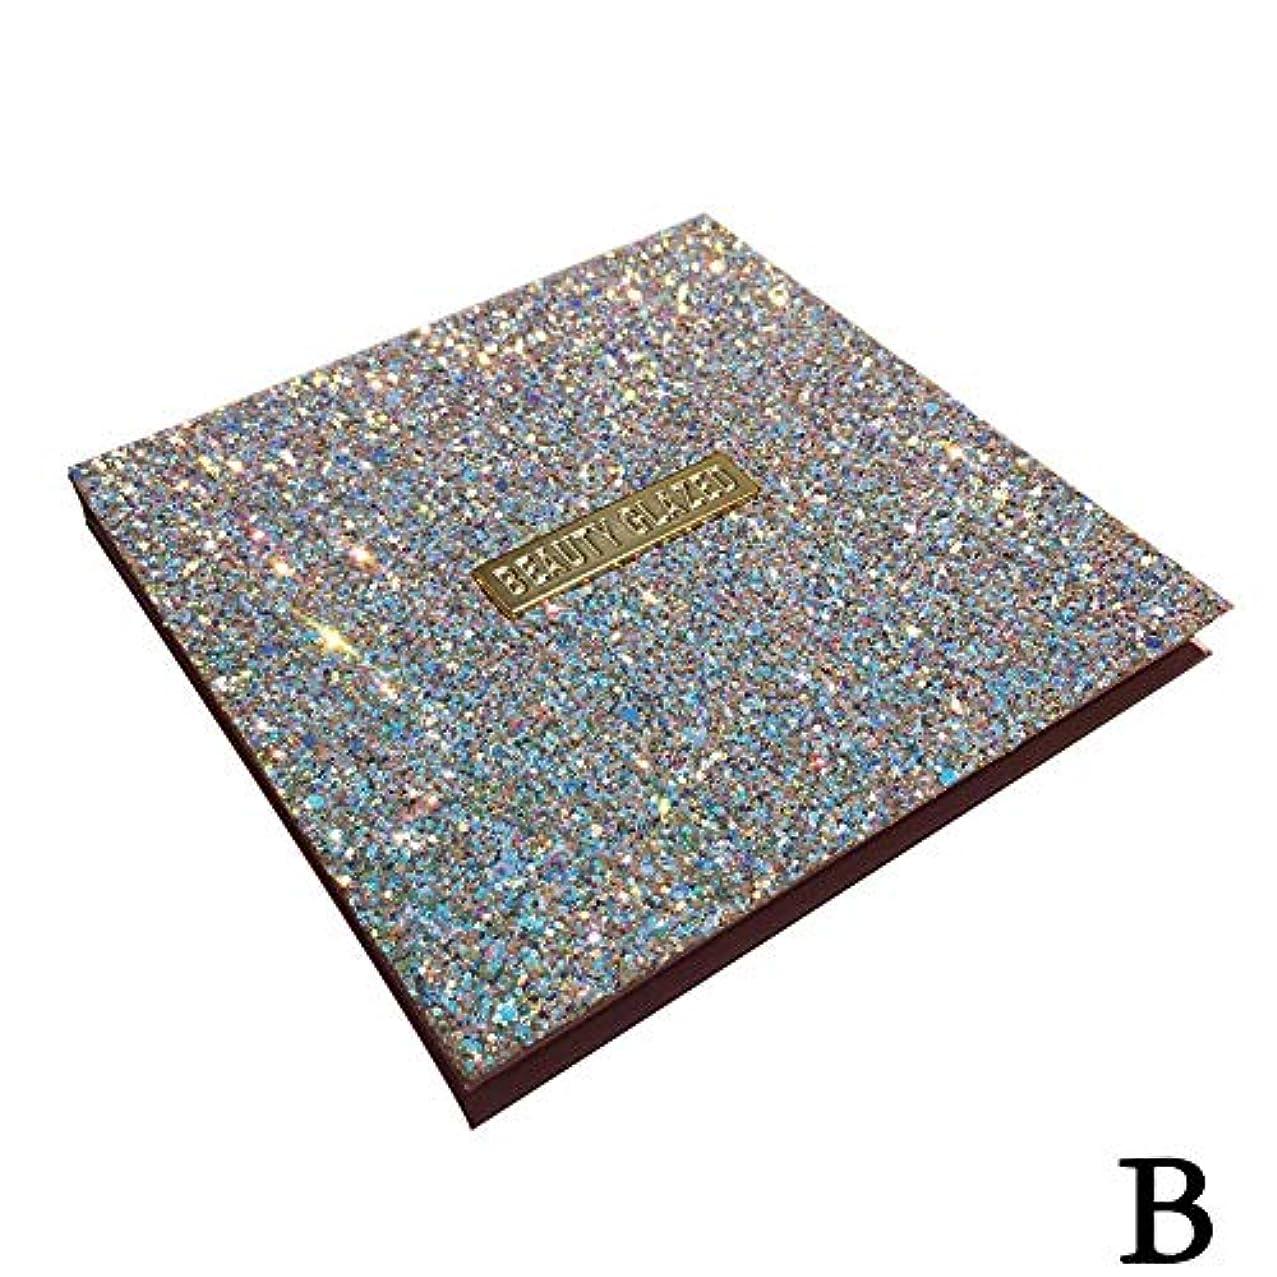 確立します戸棚摂氏度(ゴールデン ドリーミング)Golden Dreaming beauty glazed 無光沢の真珠16色のアイシャドウ (B 2#)